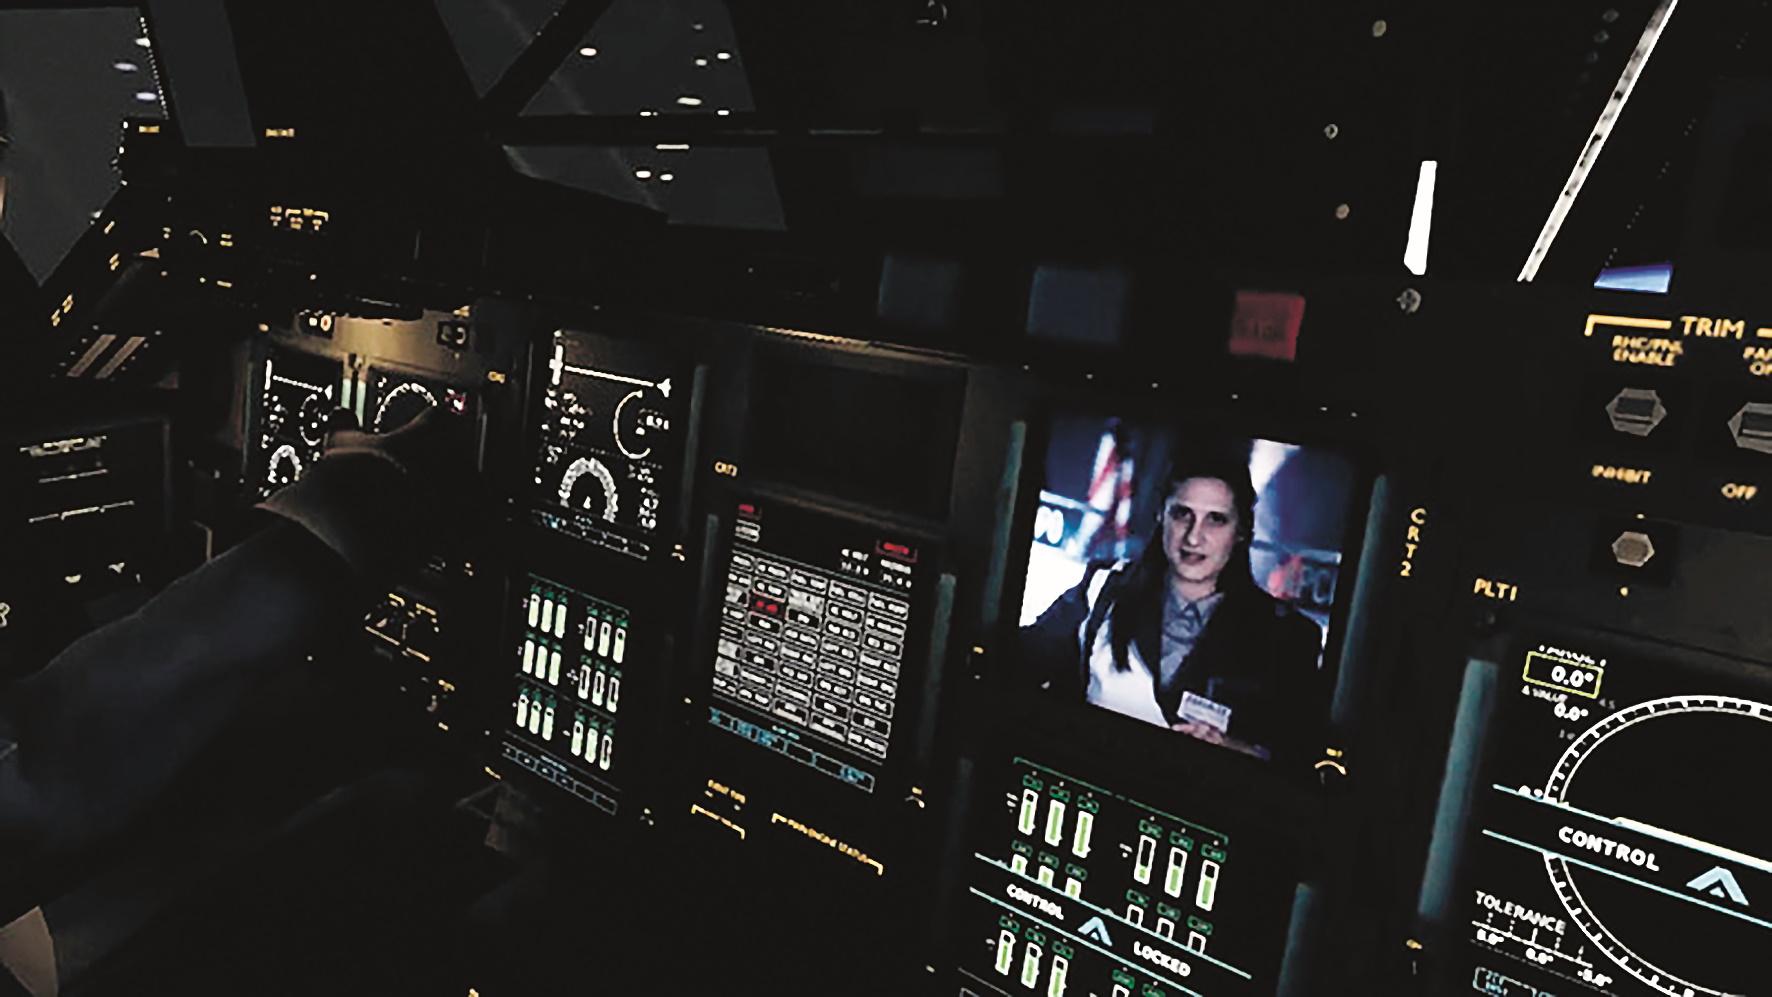 Ausschnitt der Bedienelemente des Cockpits als Screenshot der Unity Engine